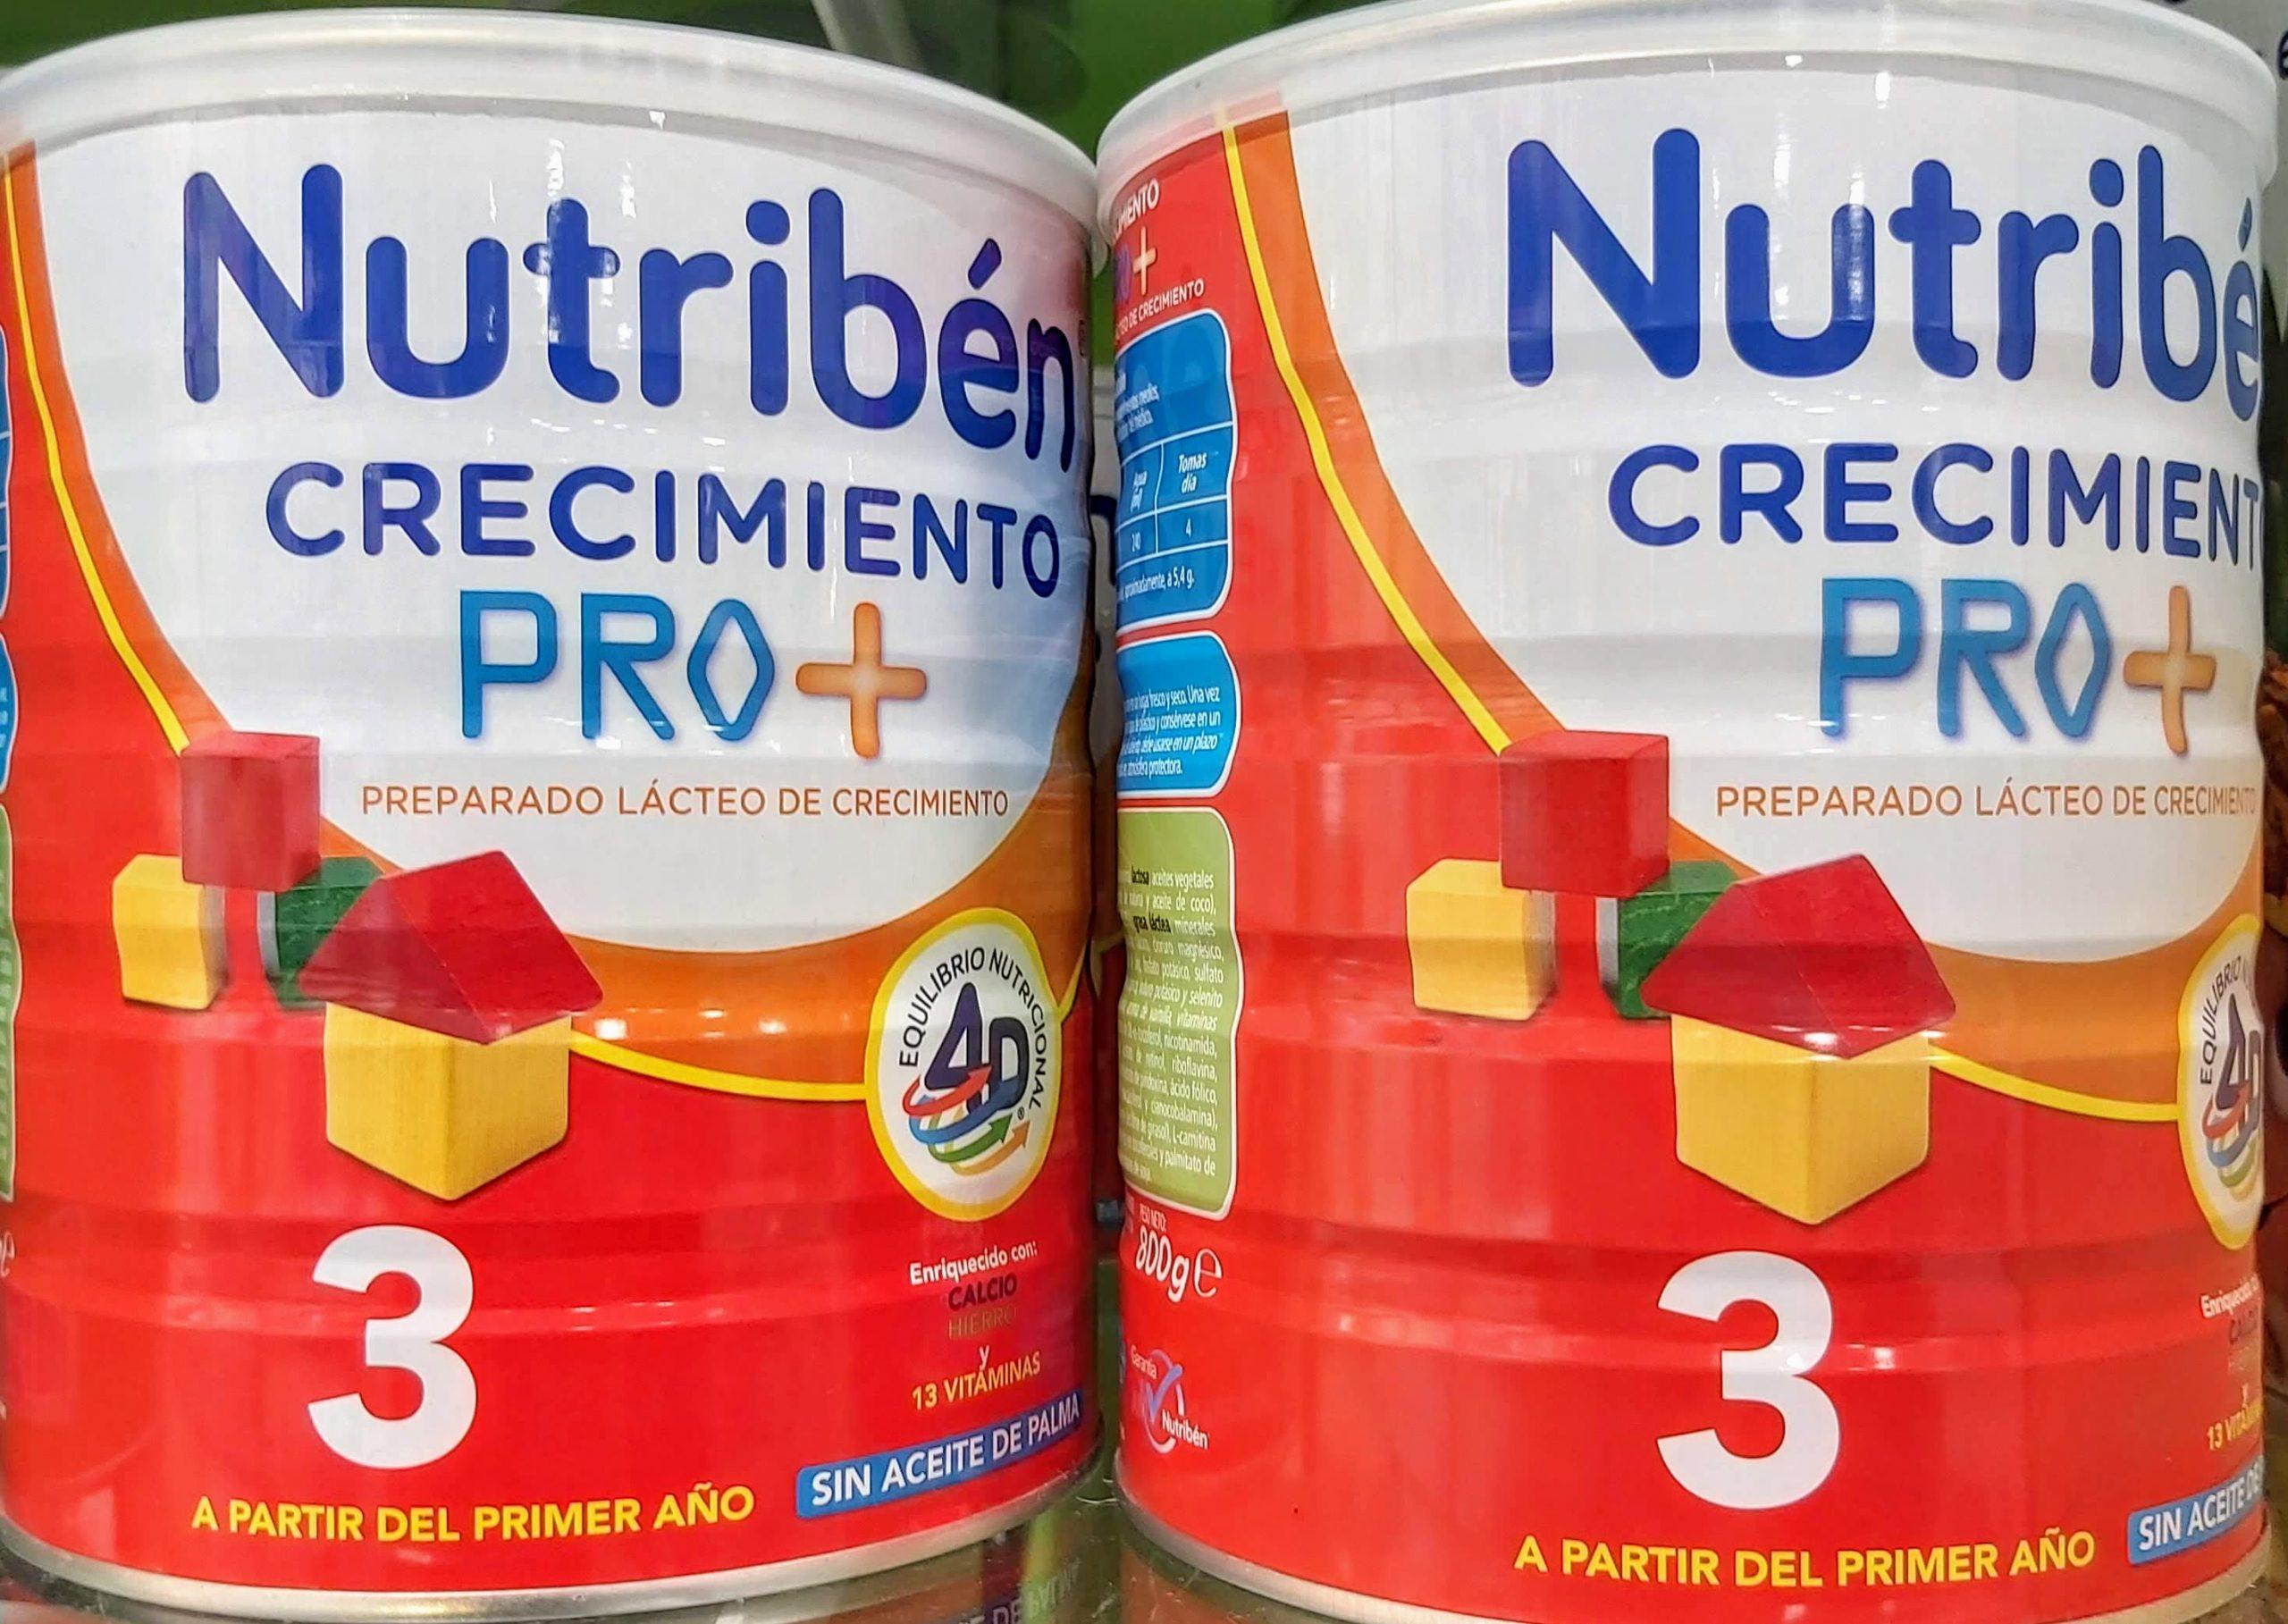 Nutribén® Crecimiento Pro+ es una fórmula de crecimiento adaptada para niños a partir de 12 meses de edad. Es la mejor opción para el periodo que hay entre la leche de continuación y el inicio de la toma de leche de vaca.